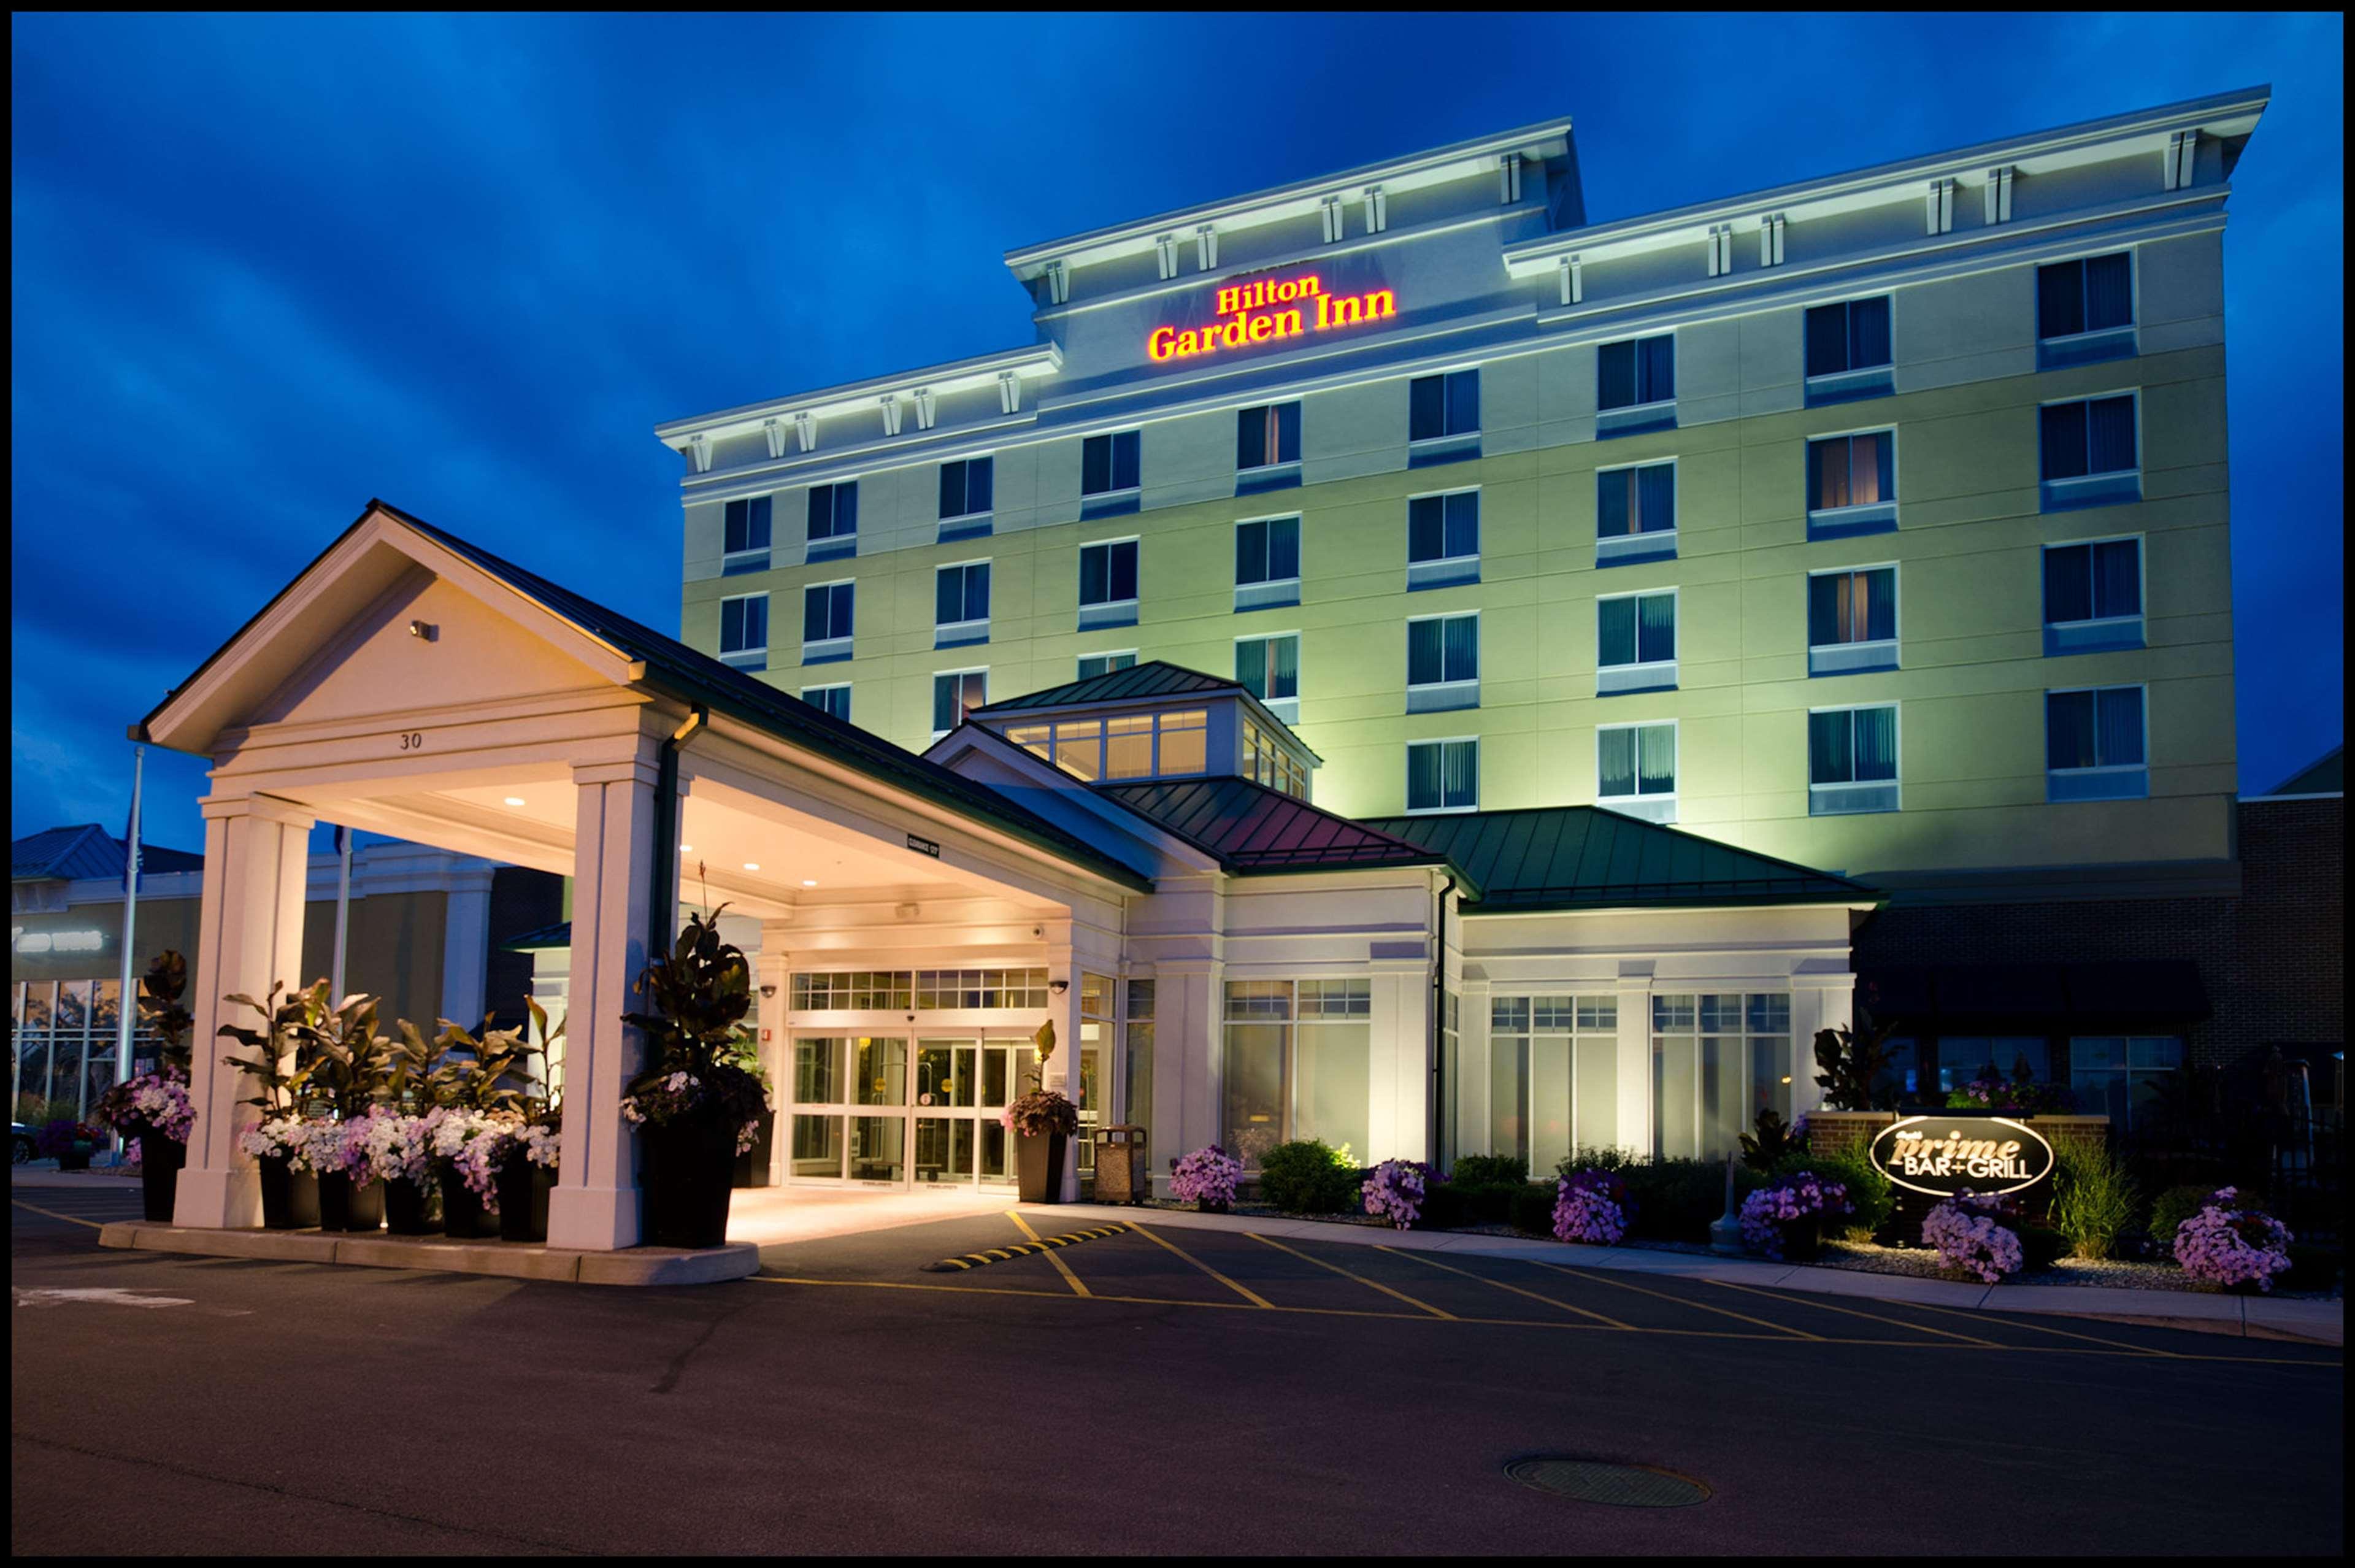 Hilton Garden Inn Clifton Park image 0